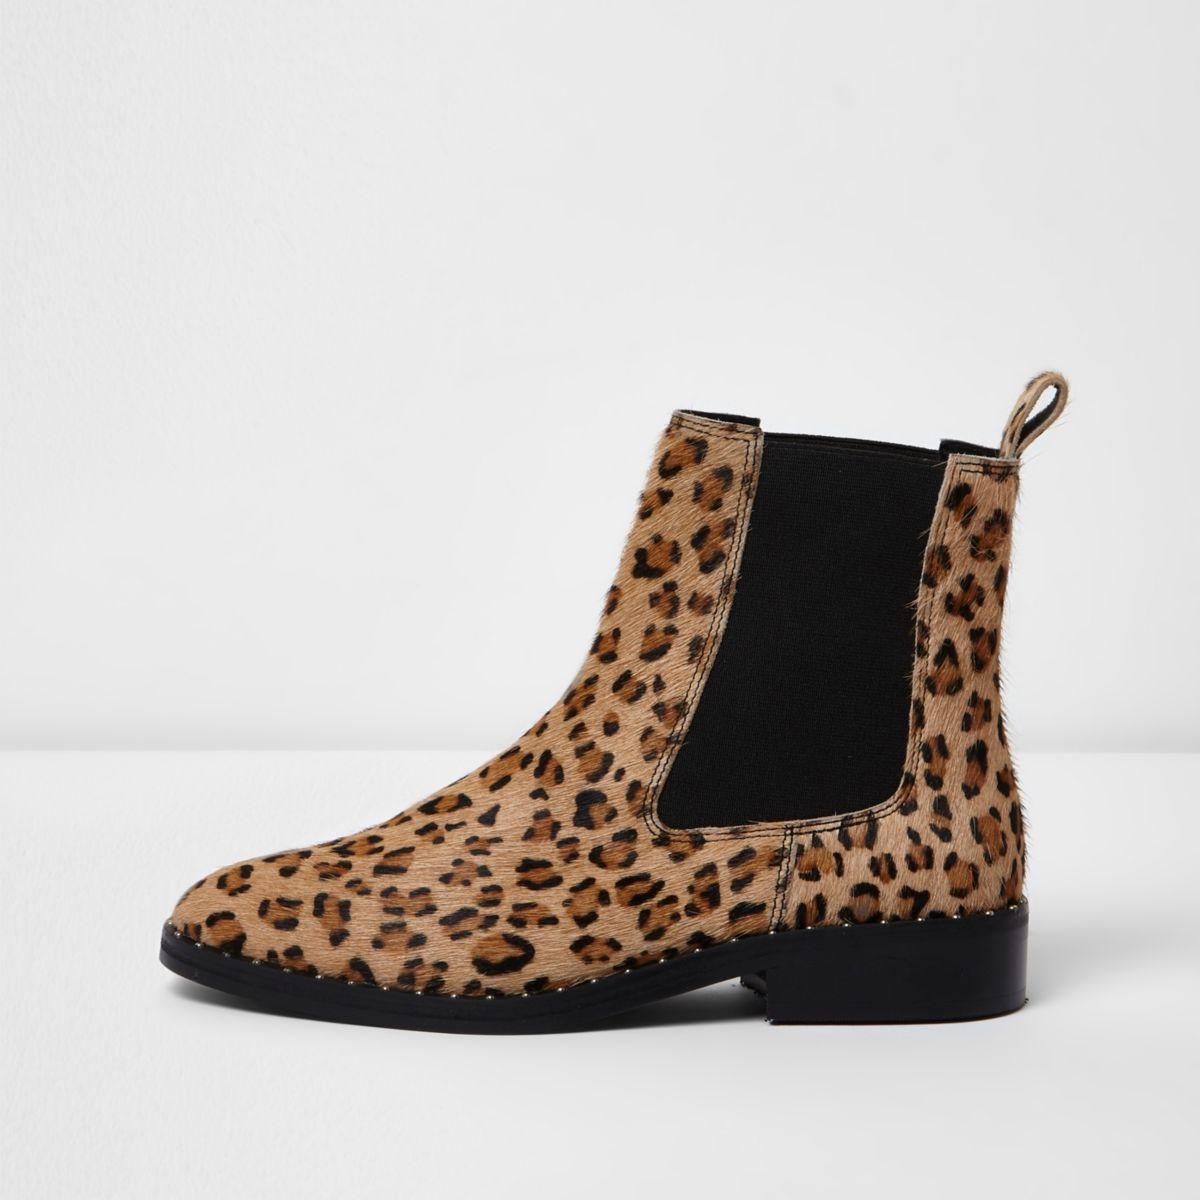 Bottines Chelsea en cuir beige léopard